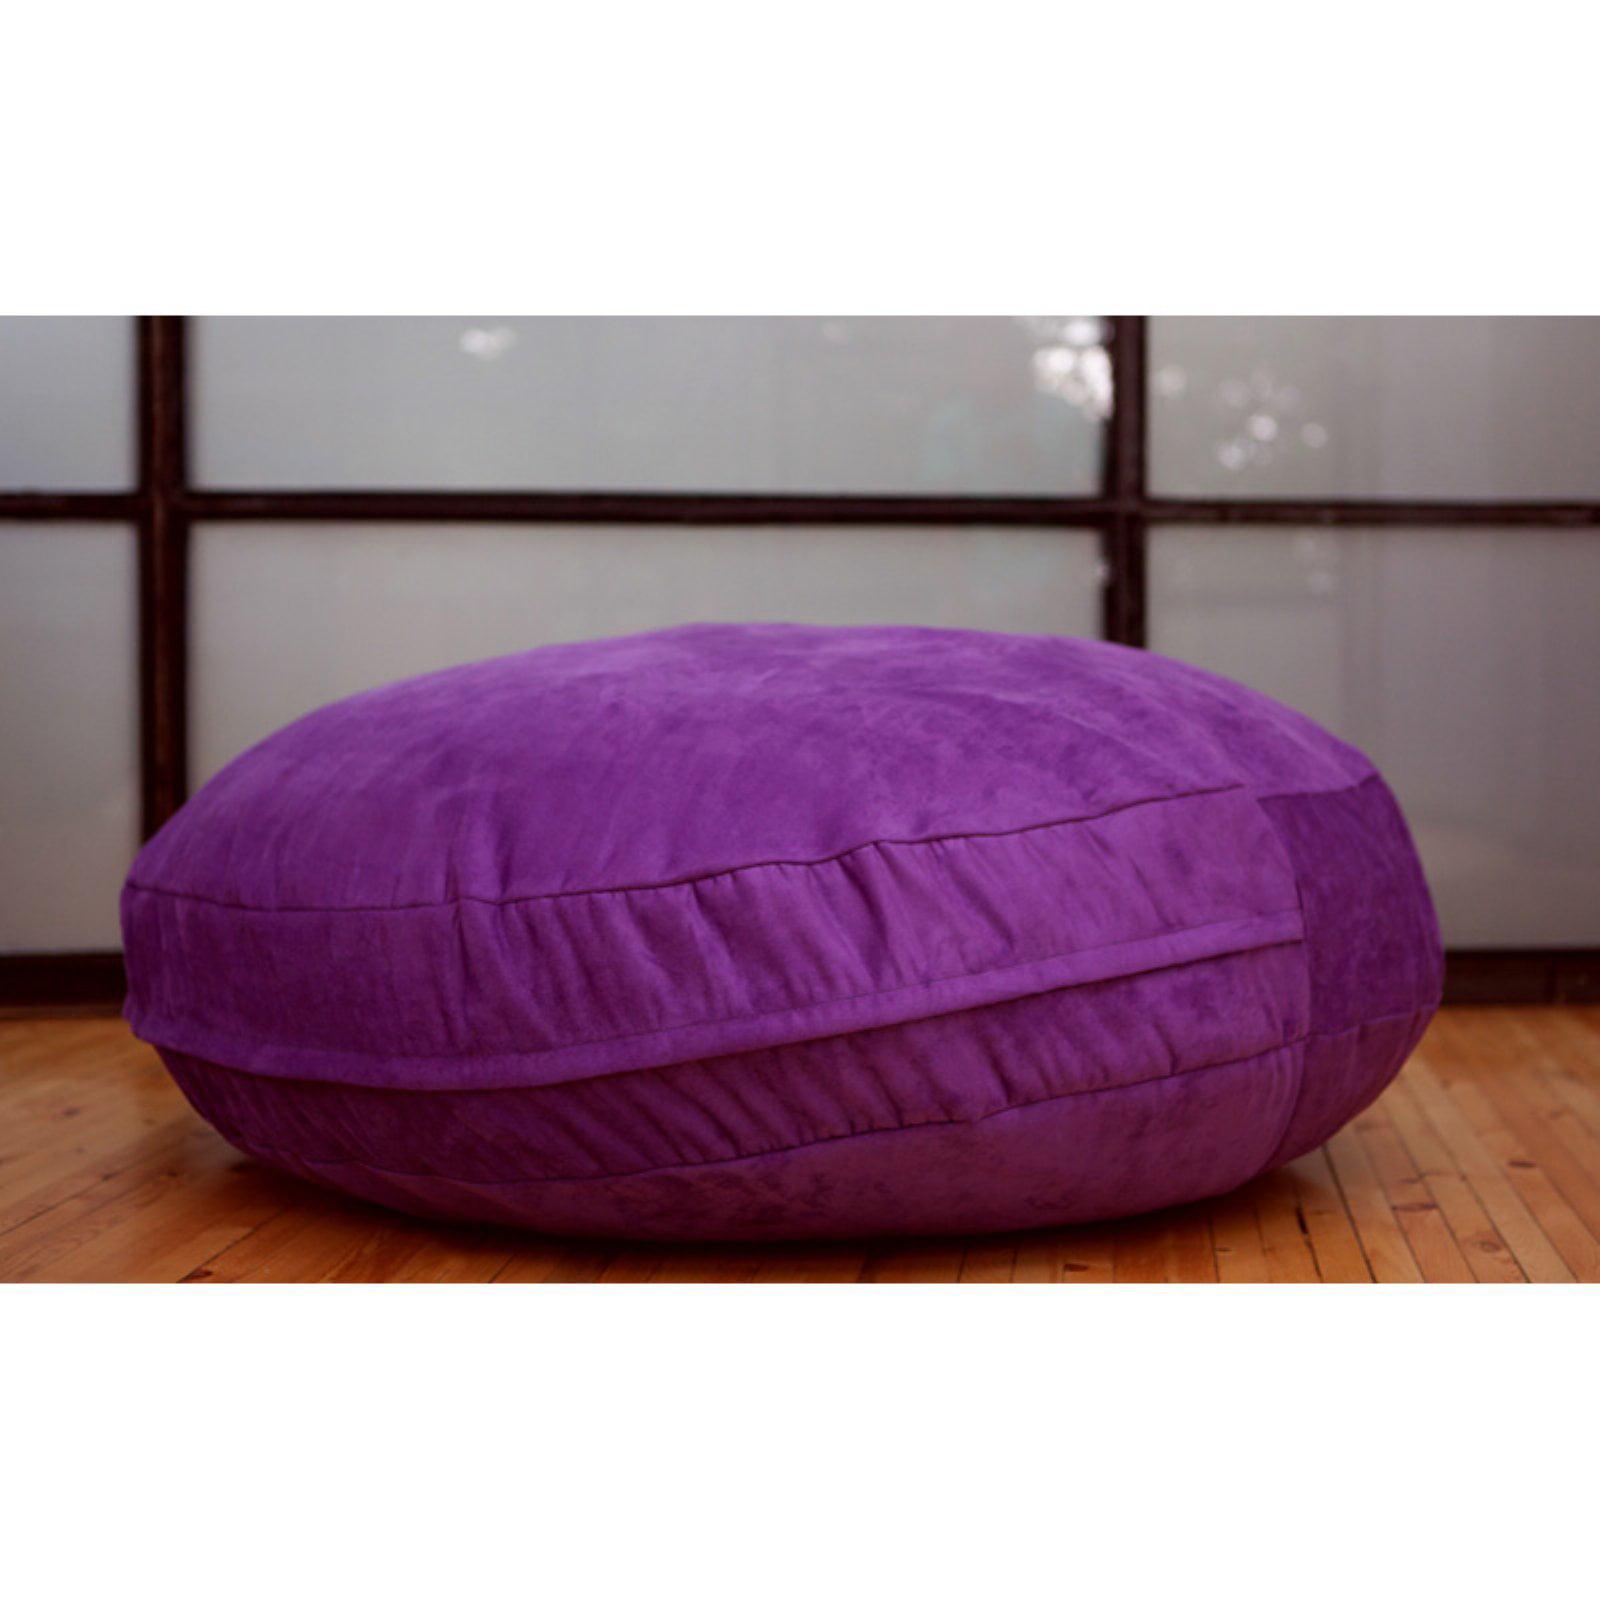 1670d6030aec Jaxx Cocoon Bean Bag - Walmart.com